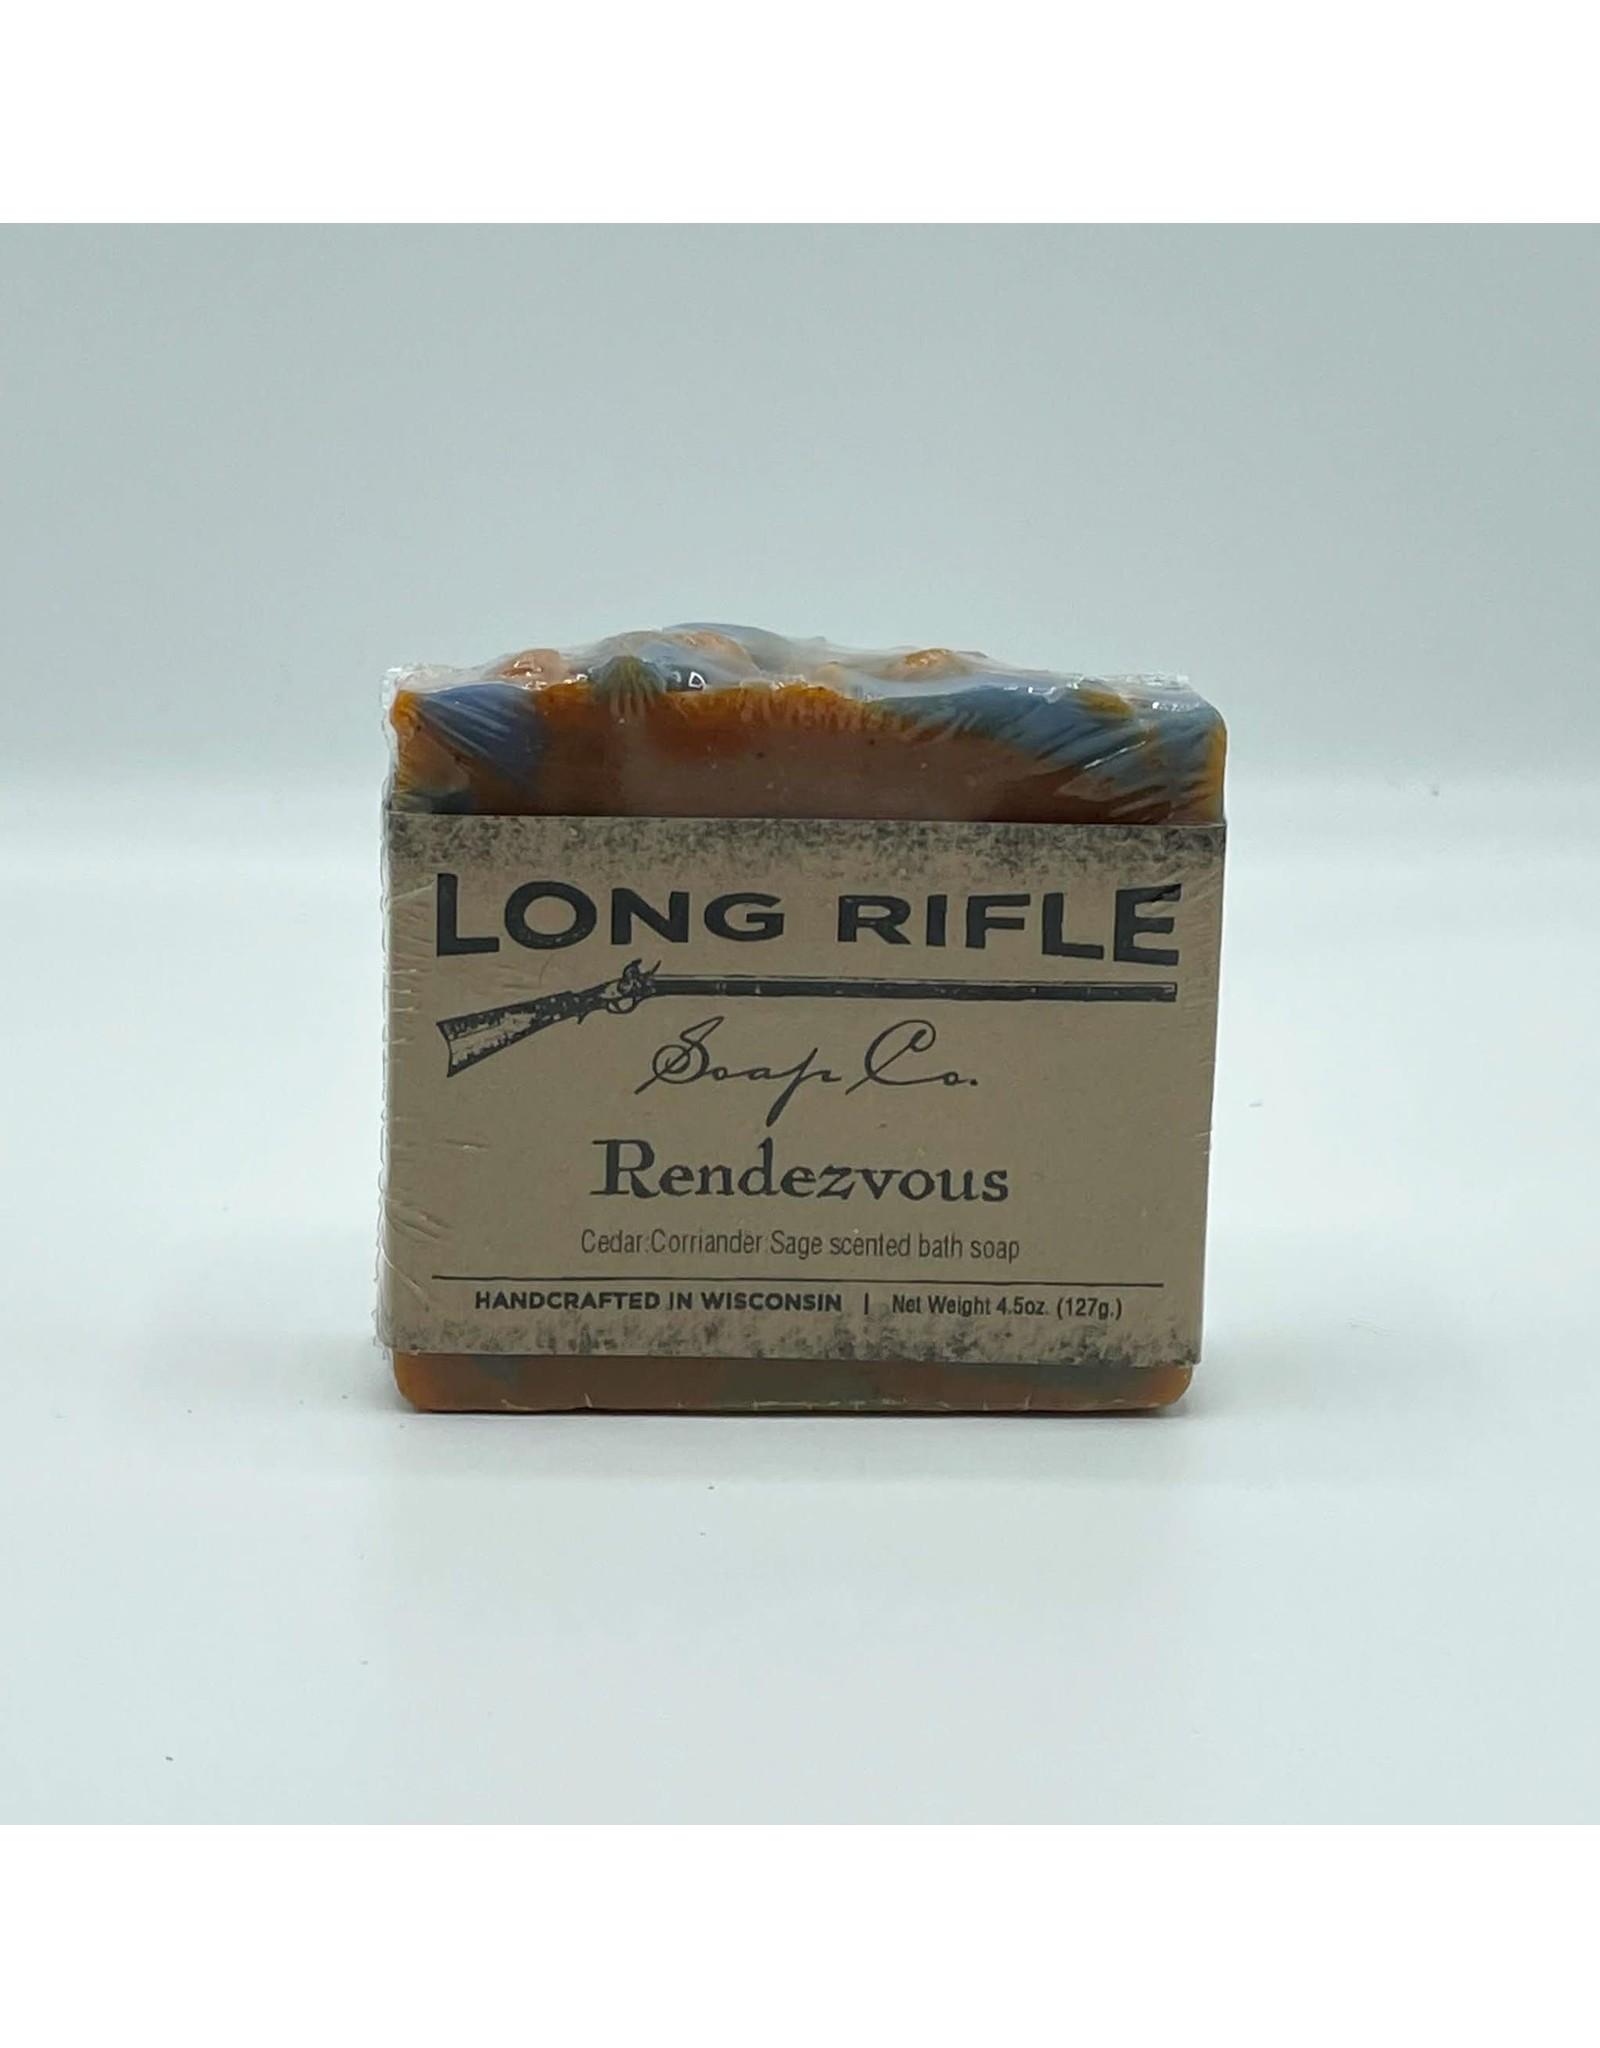 Long Rifle Men's Bar Soap - Rendezvous